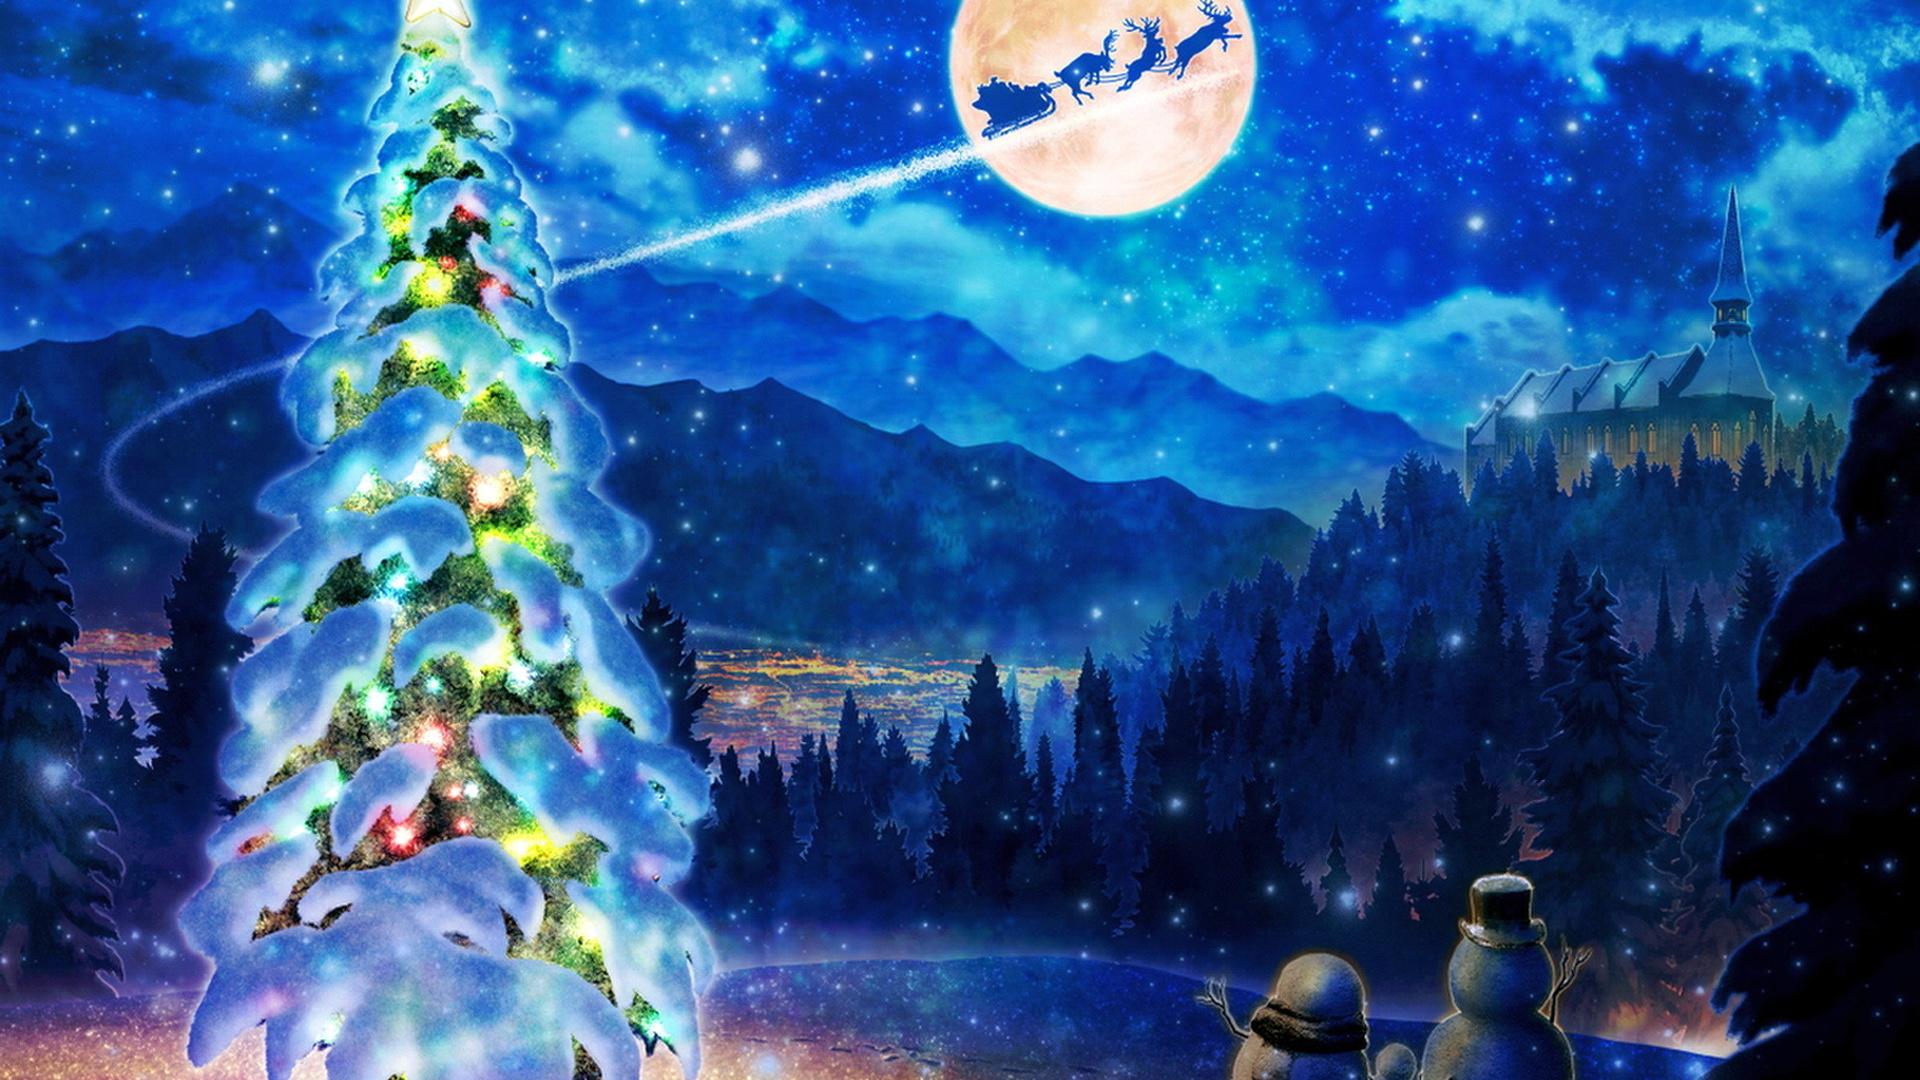 елка, снег, упряжка, санта клаус, снеговики, замок